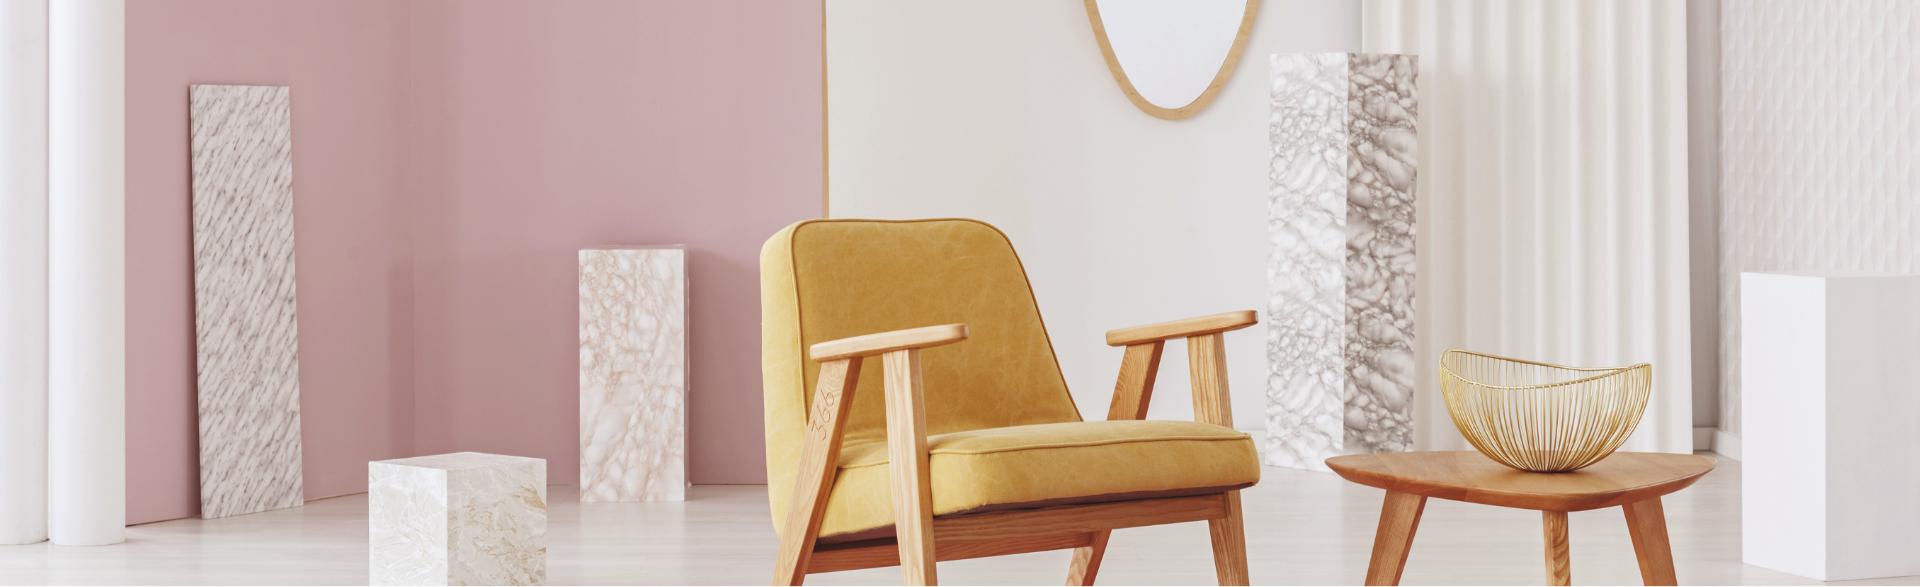 SKLUM: negozio online di arredamento design - SKLUM